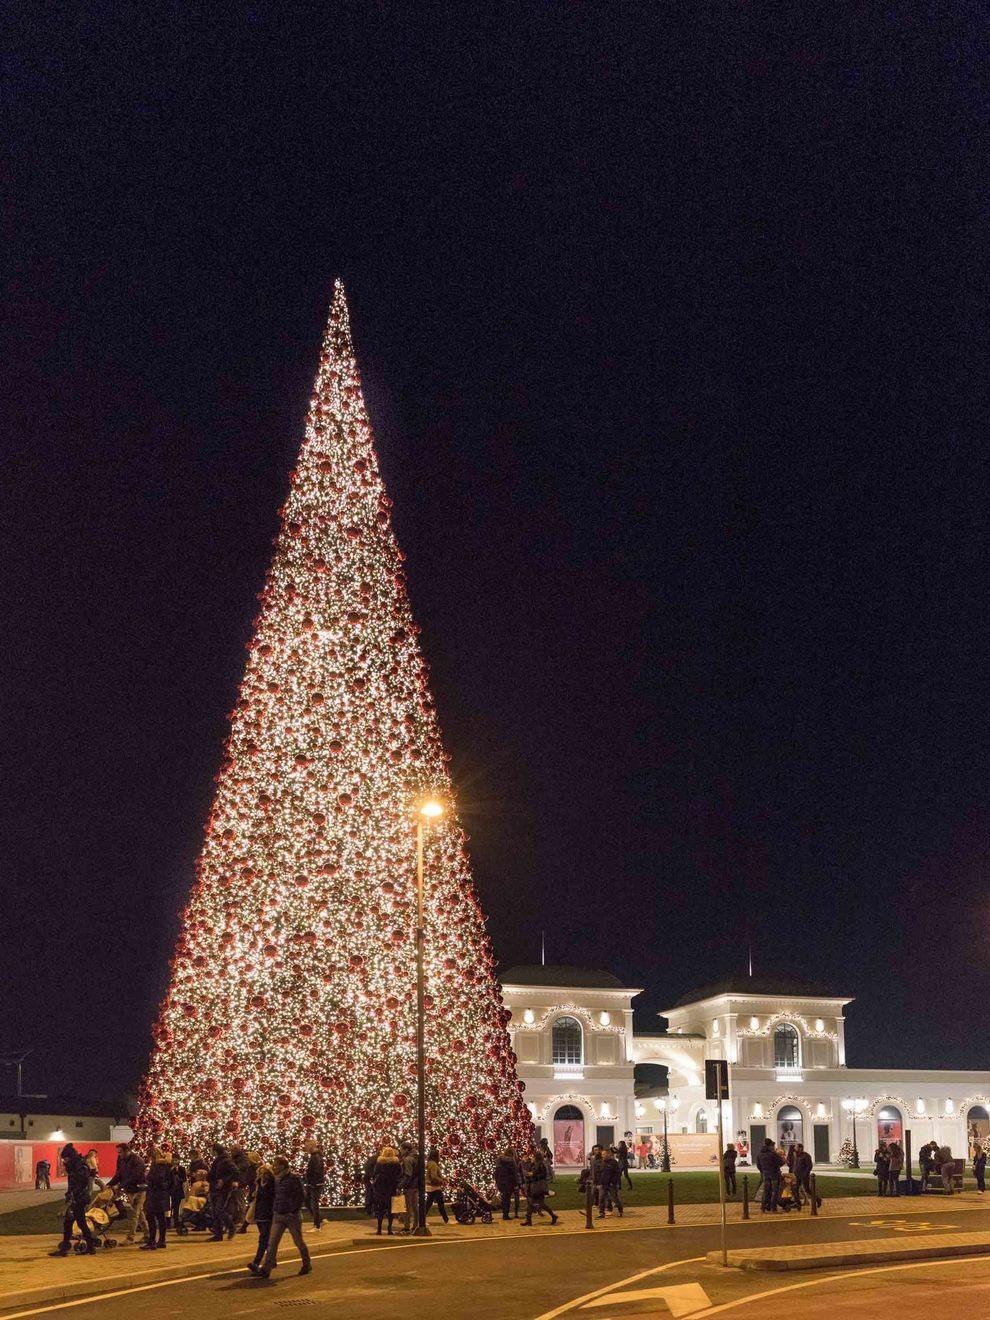 Si accende il grande albero di Natale al McArthur Outlet ...